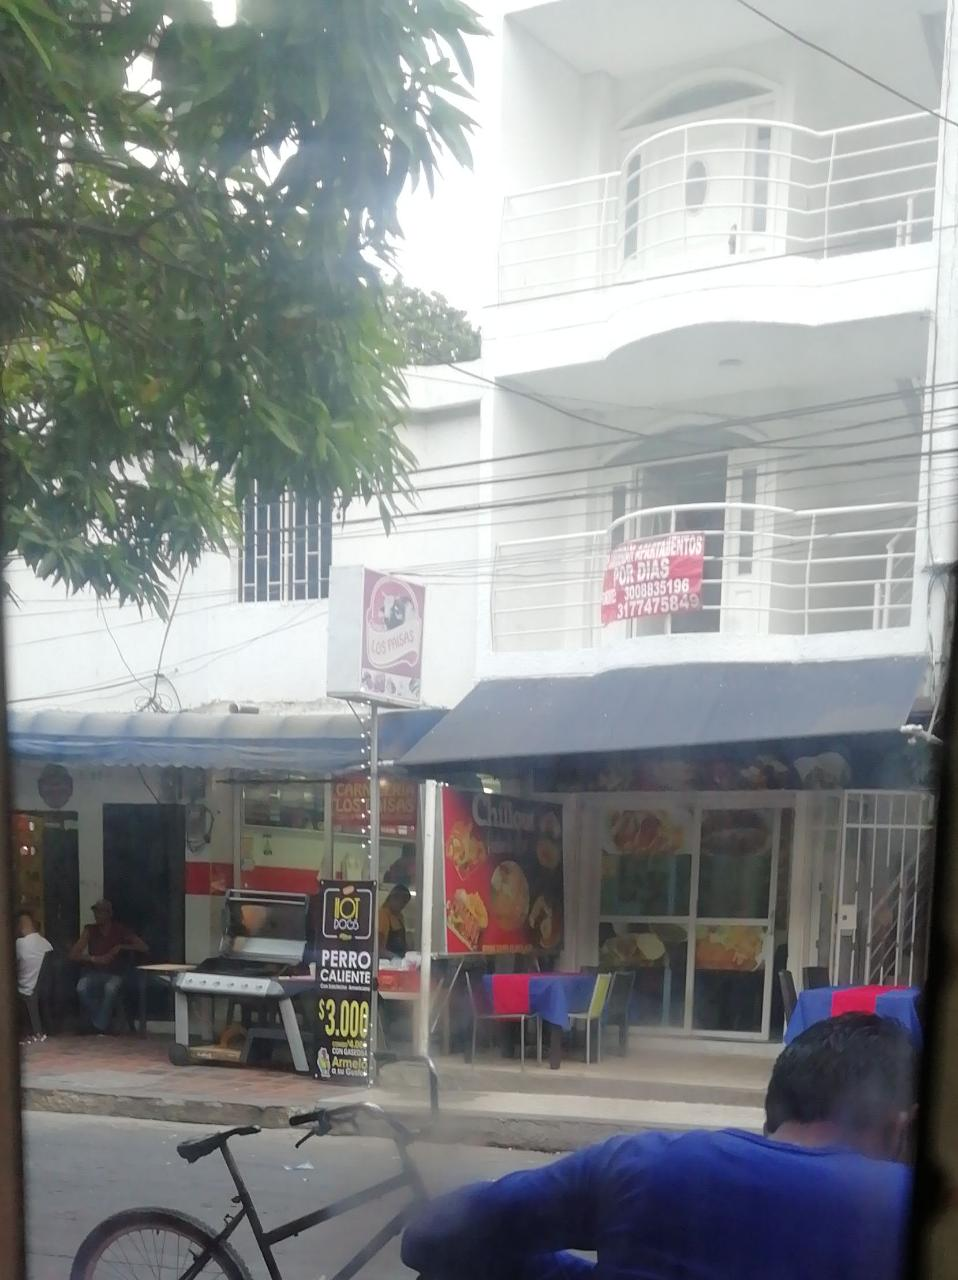 Puesto de venta de comidas, presuntamente sin papelería, que estaría afectando a comerciantes legales.